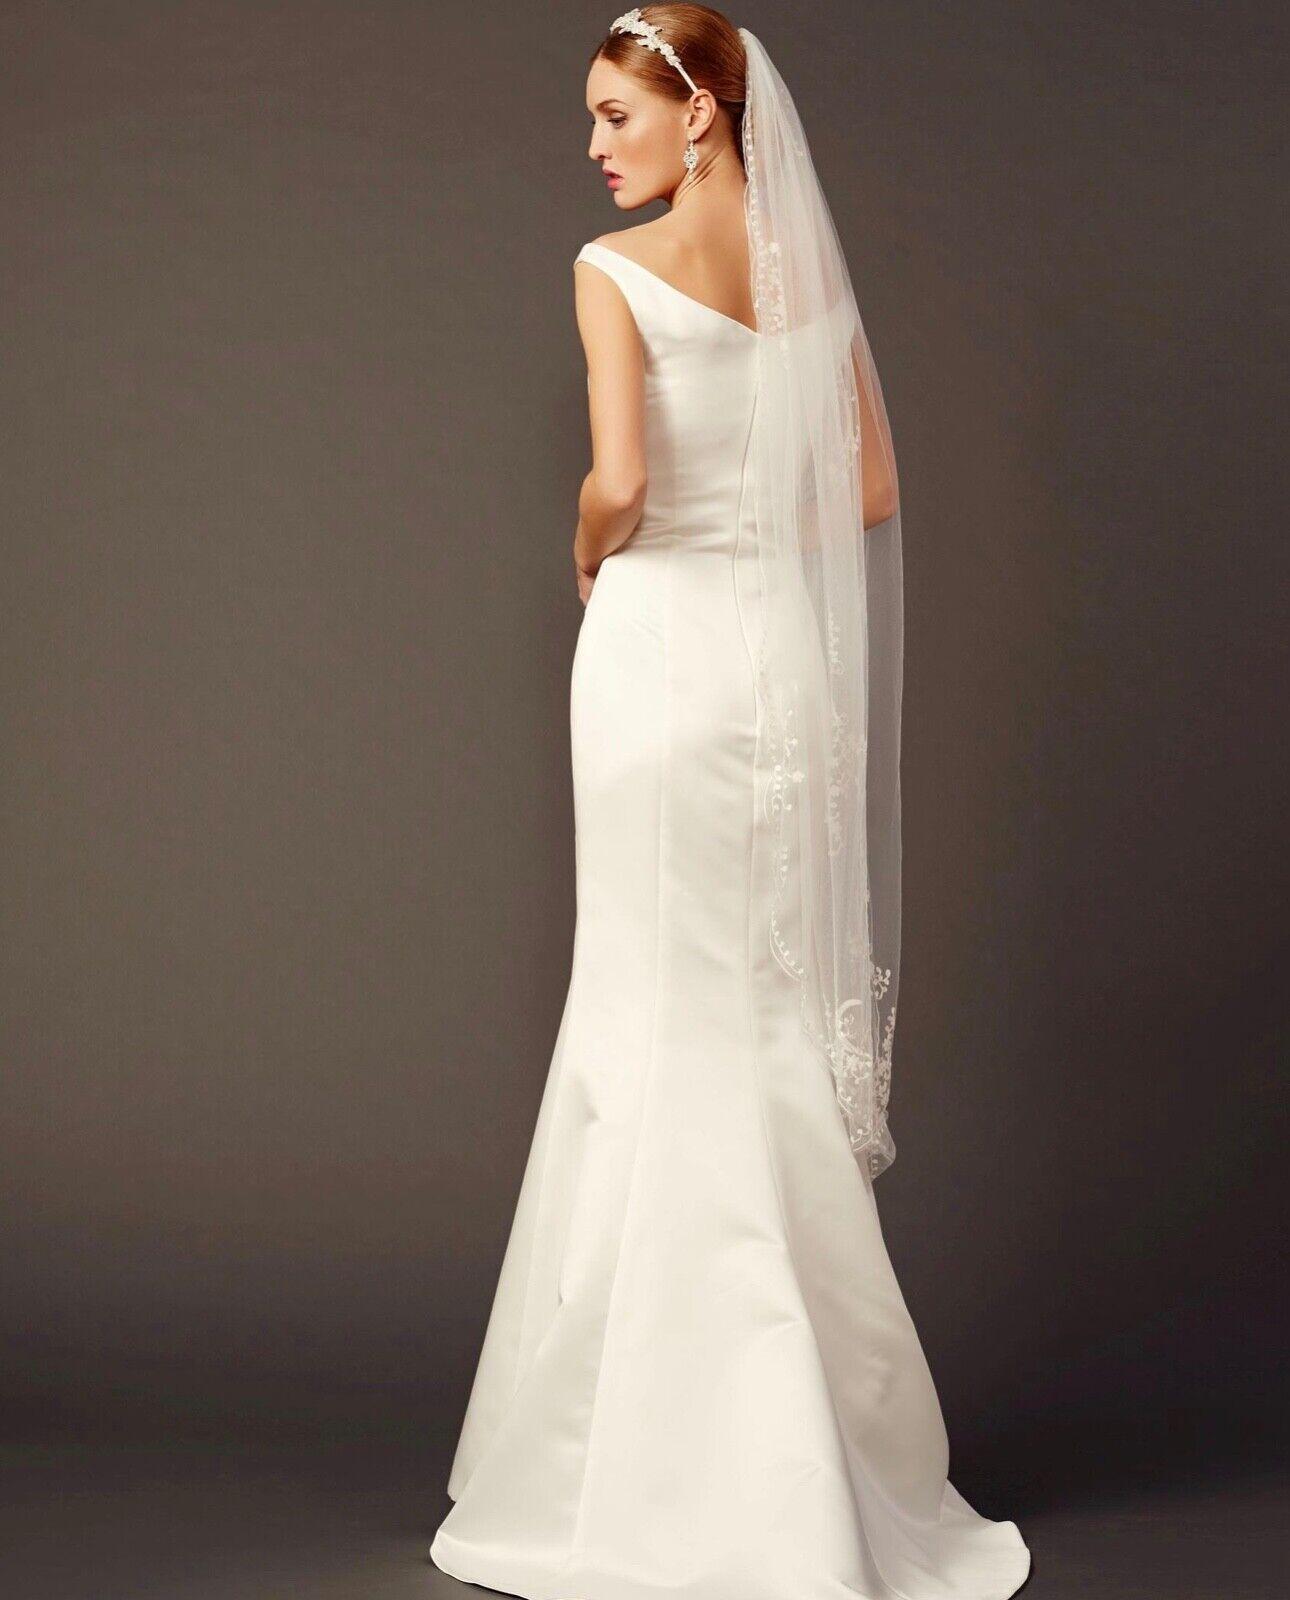 Lilly Brautkleid Gelinlik Hochzeitskleid Satin Ivory 36 mit Strassgürtel